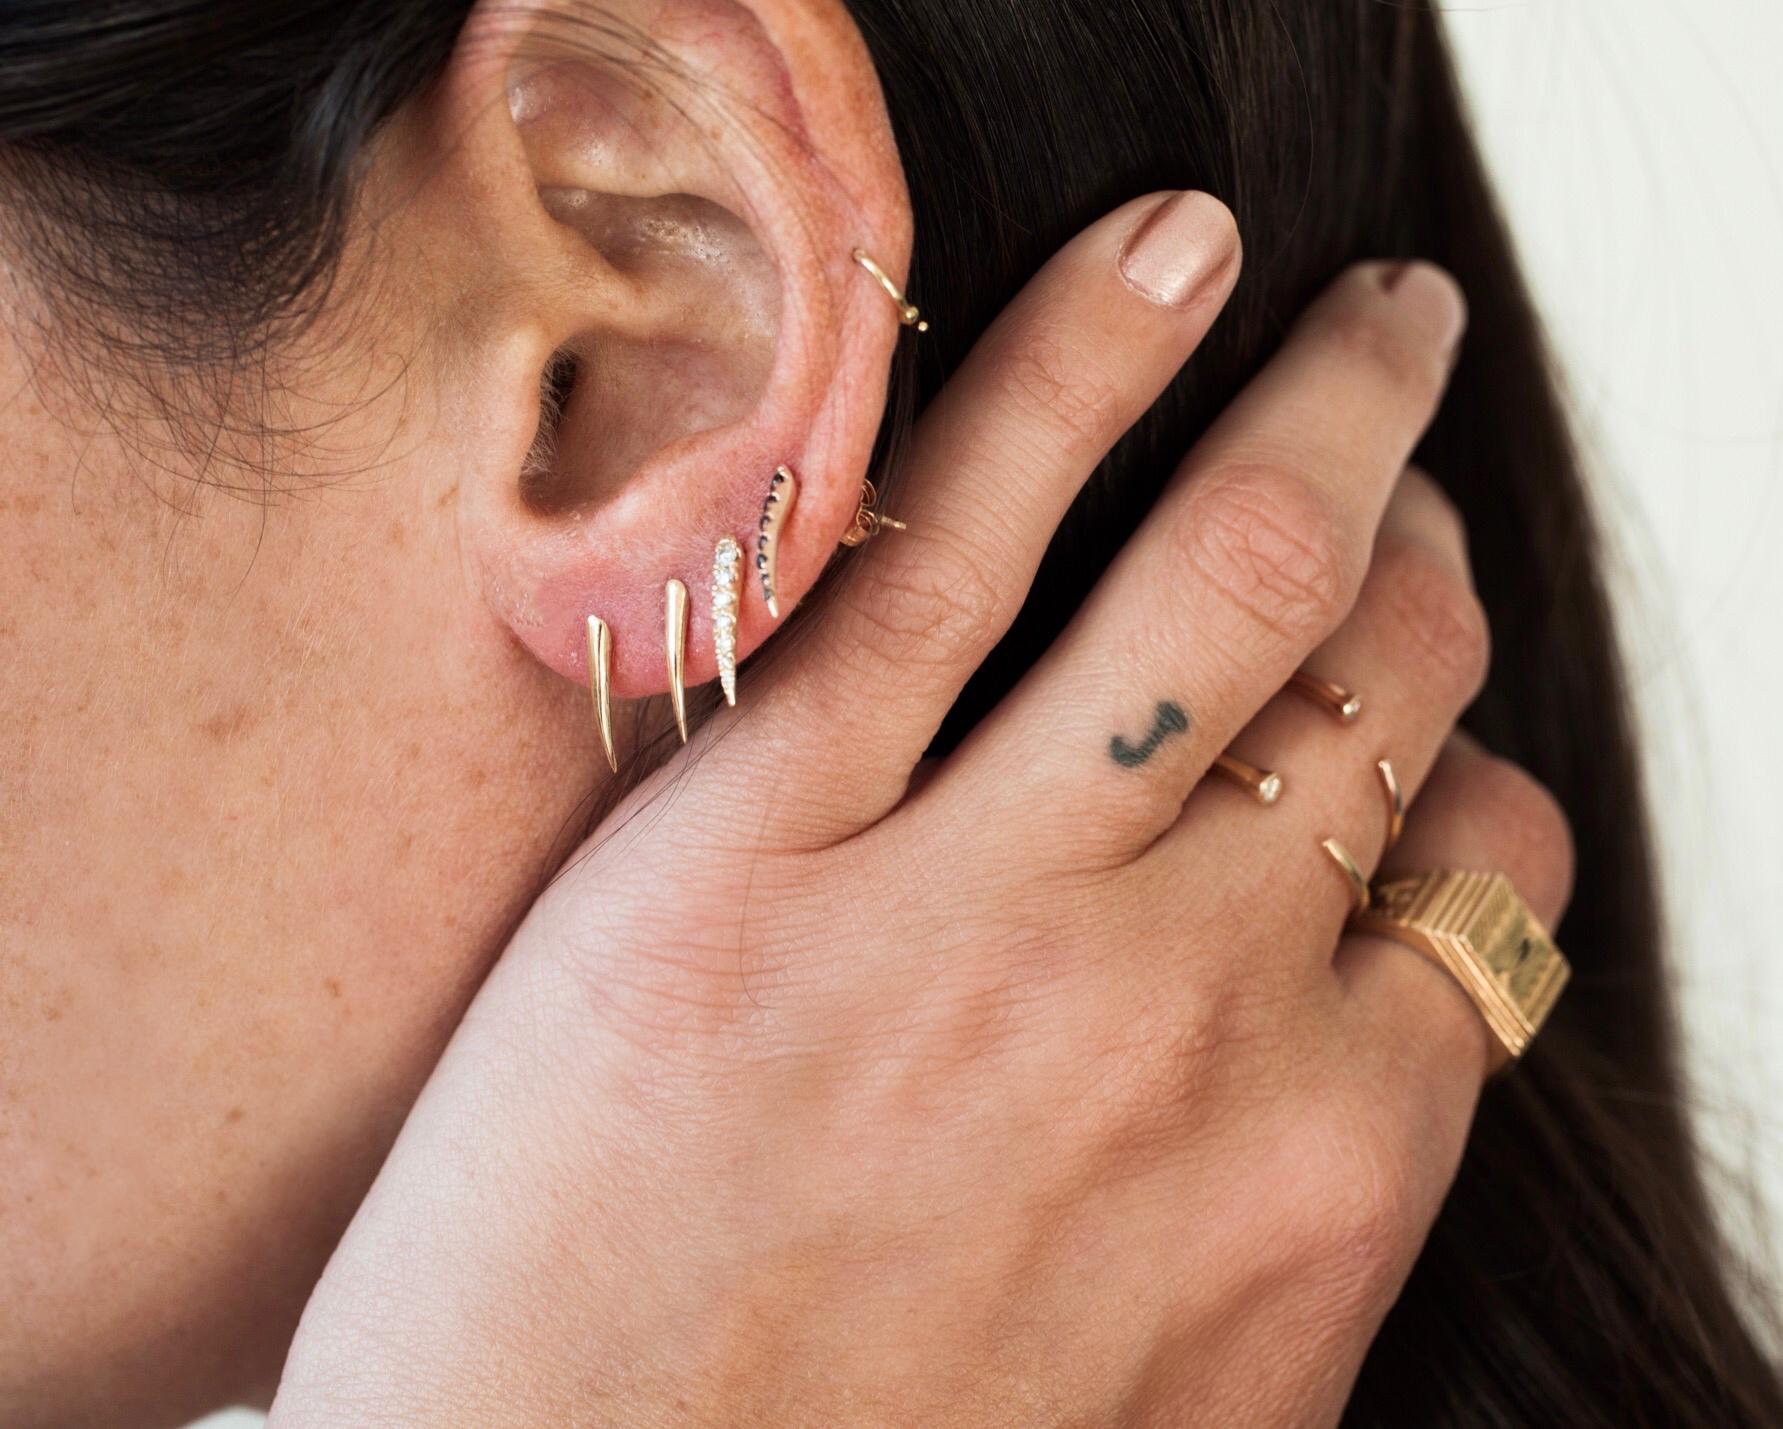 Earrings and rings 1.jpeg